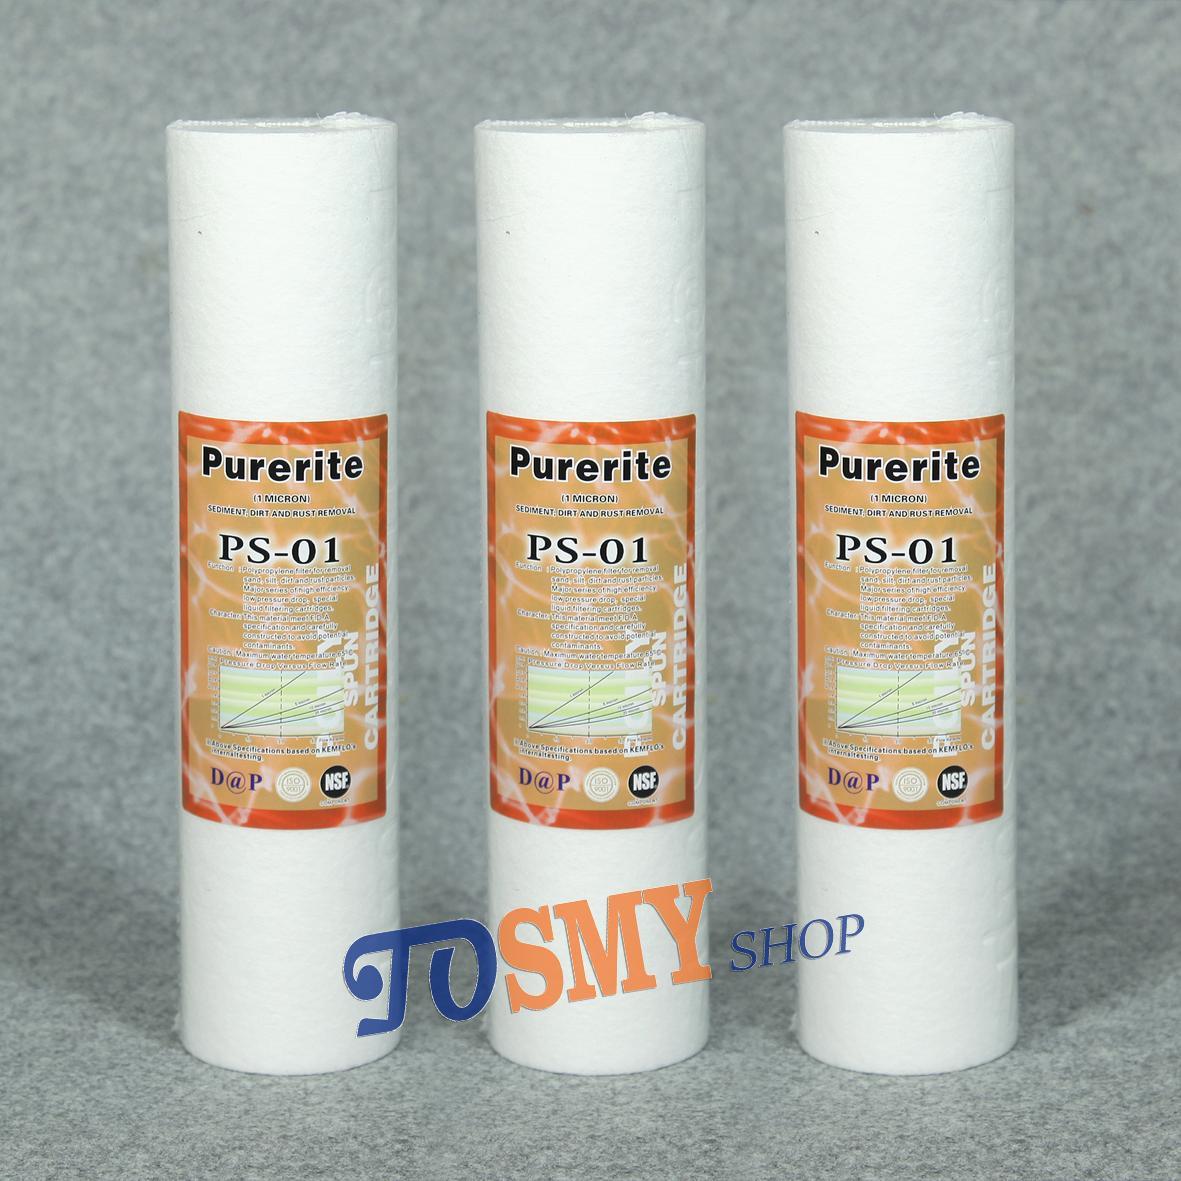 Bộ 3 lõi lọc nước PP 1 micron dùng cho máy lọc nước RO hoặc lọc thô 10 inch